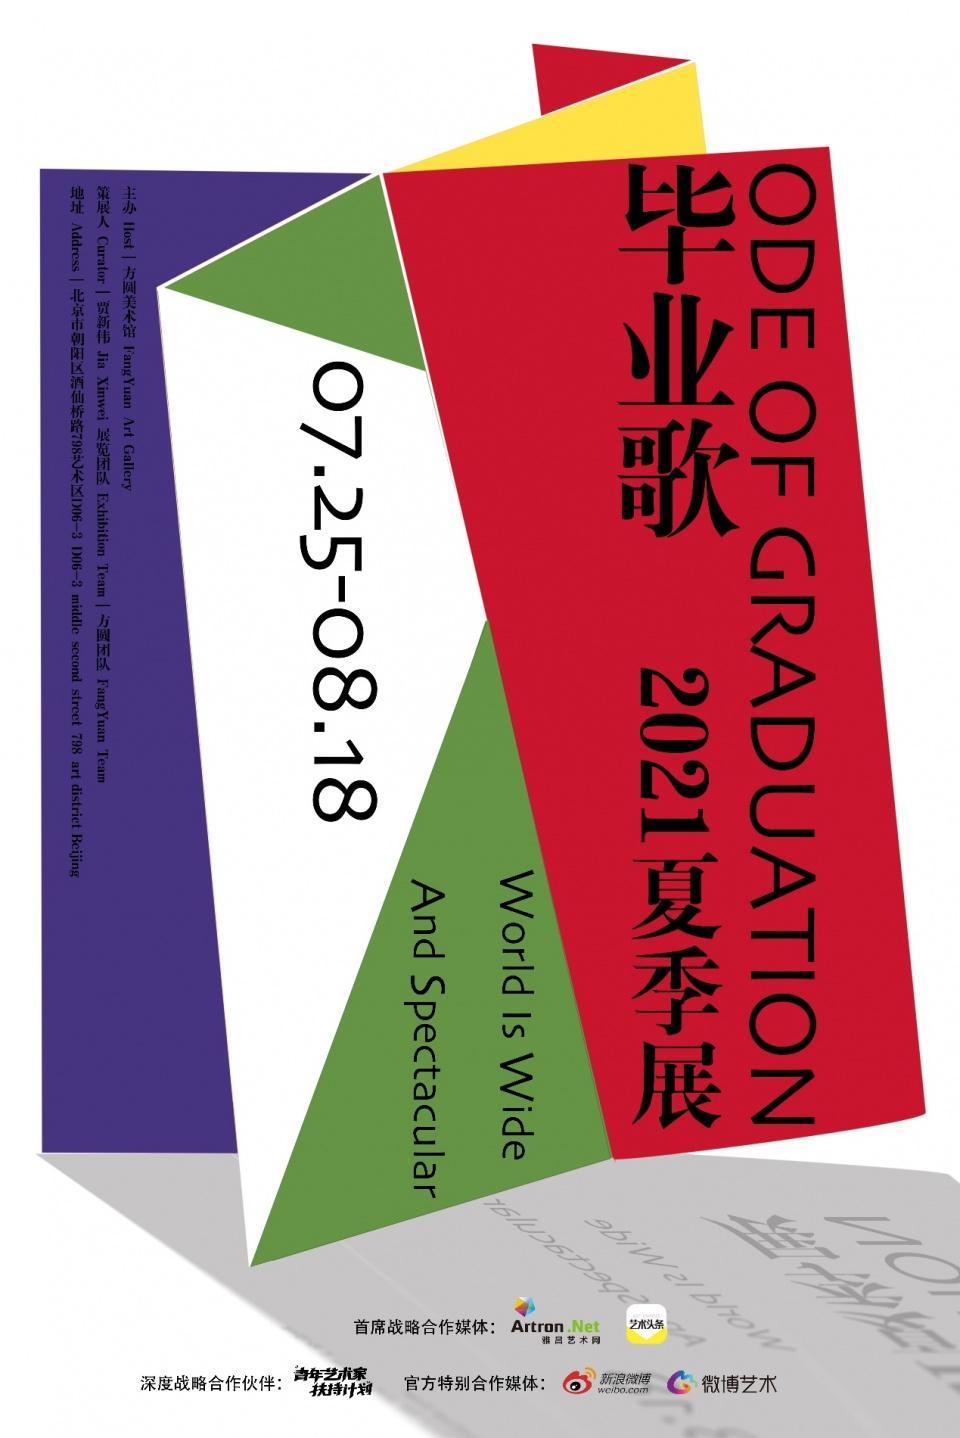 收藏者展示中国艺术发展的新鲜力量